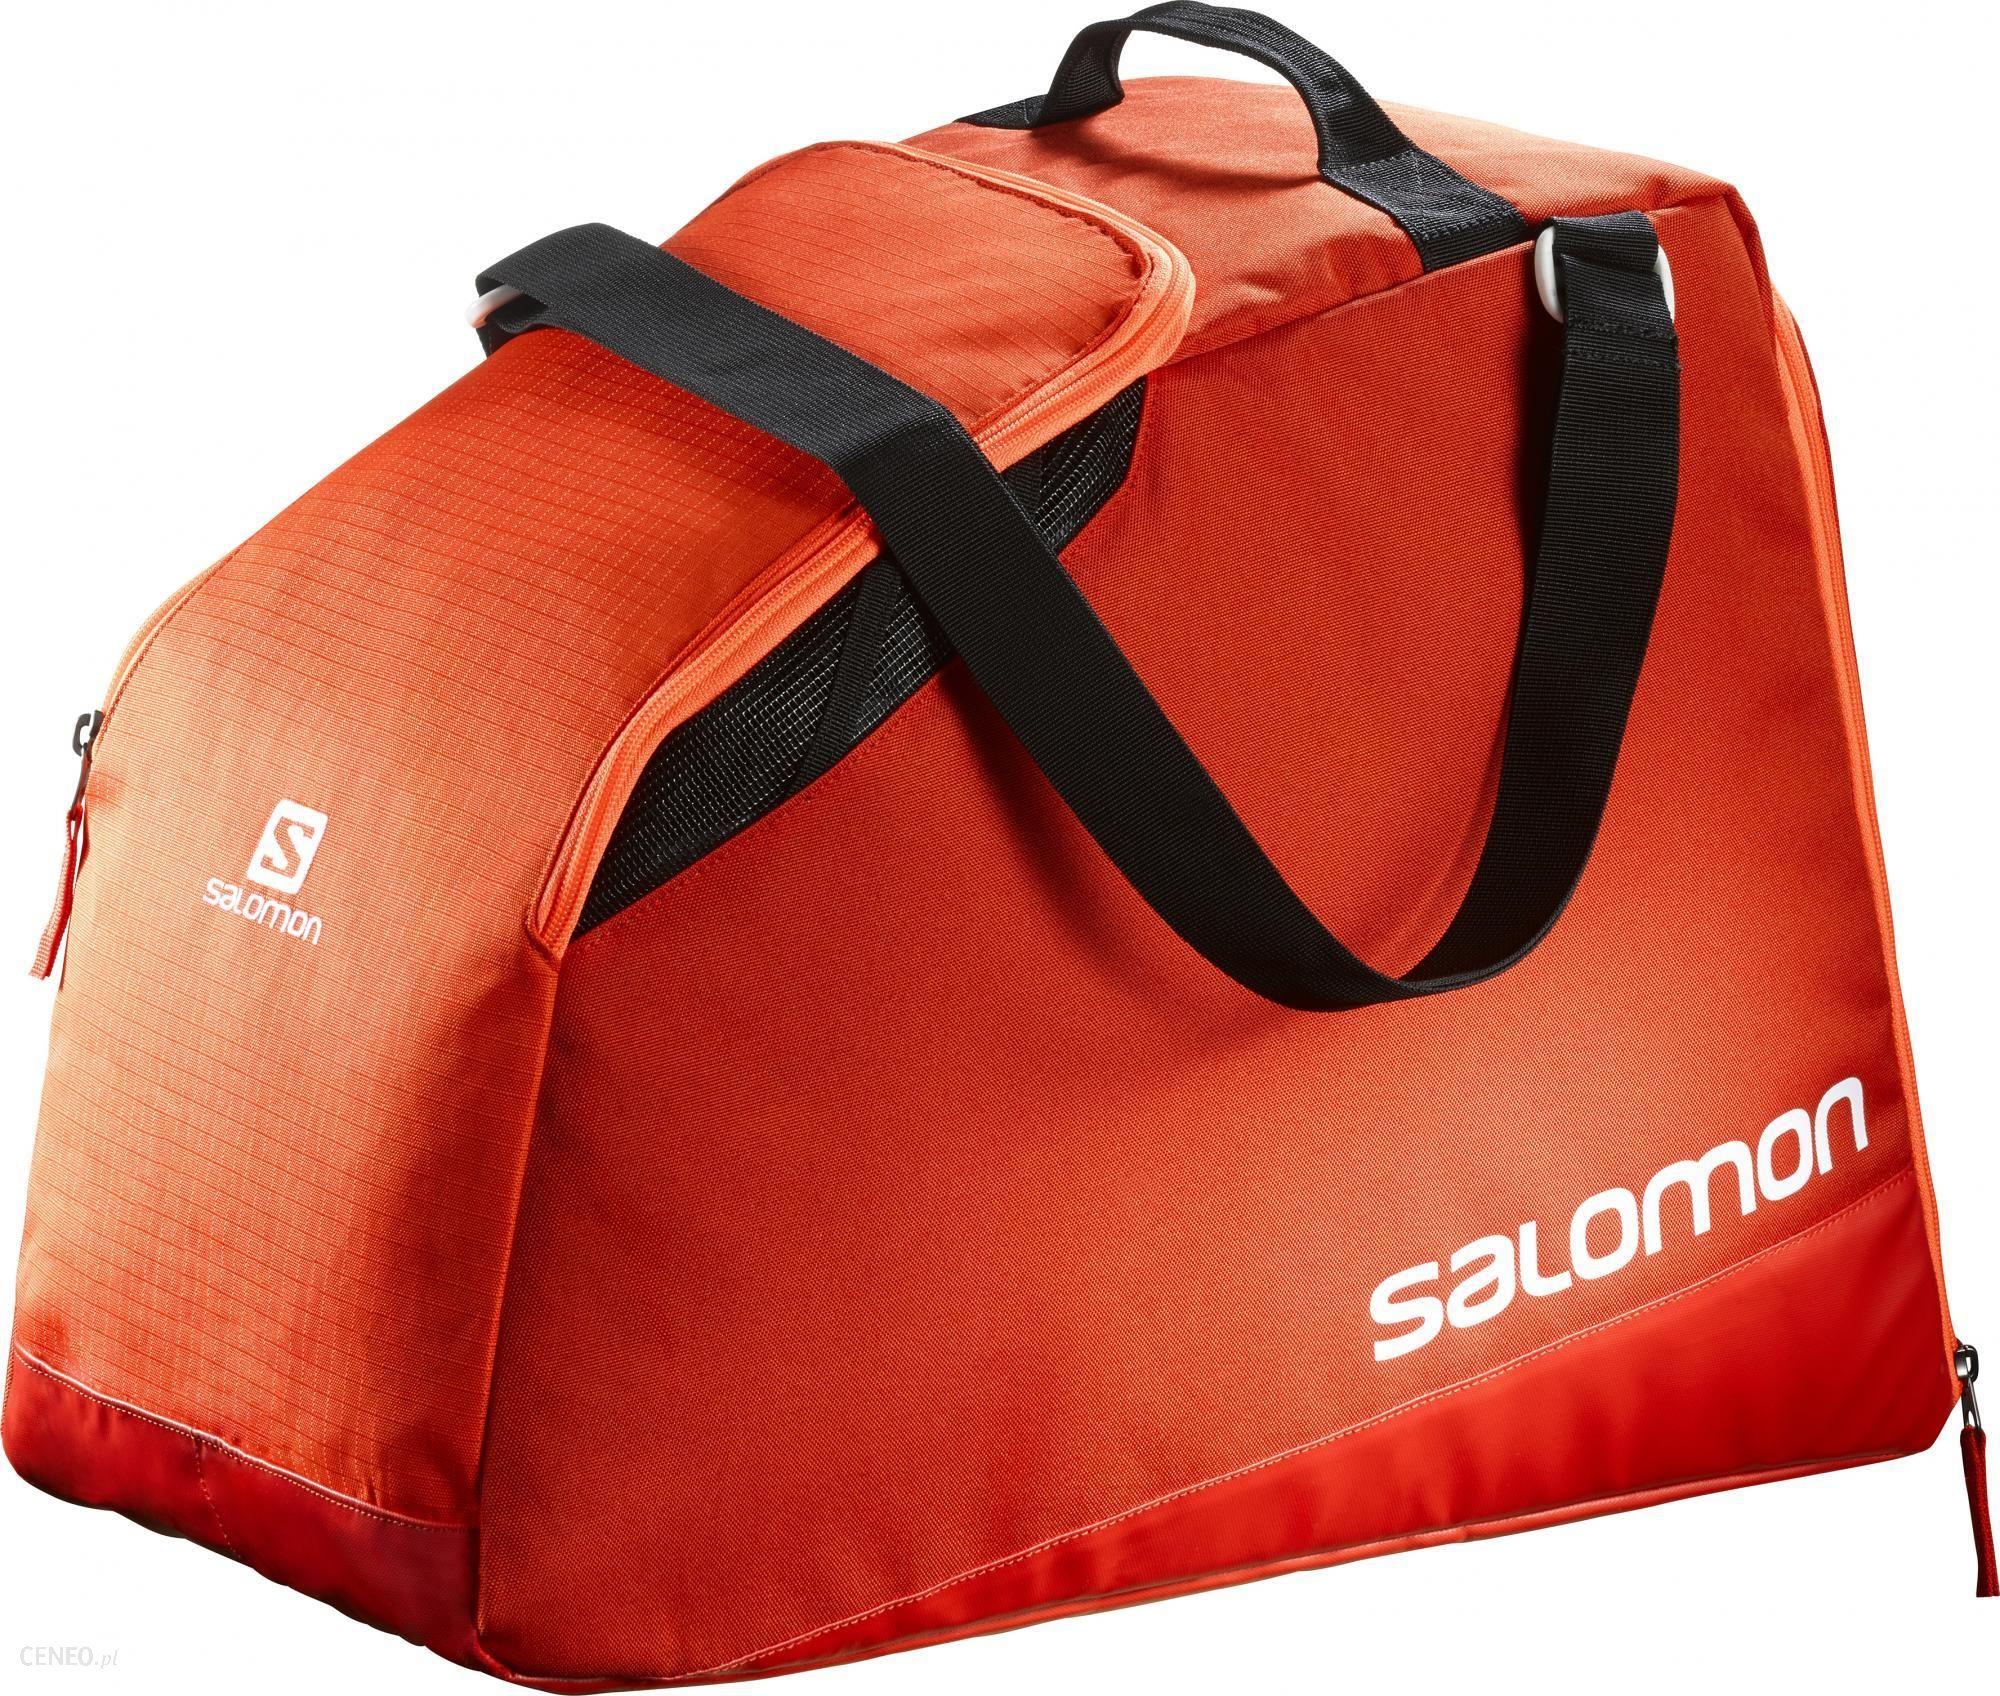 Salomon Torba Extend Max Gearbag Vivid Oran Lava Orange